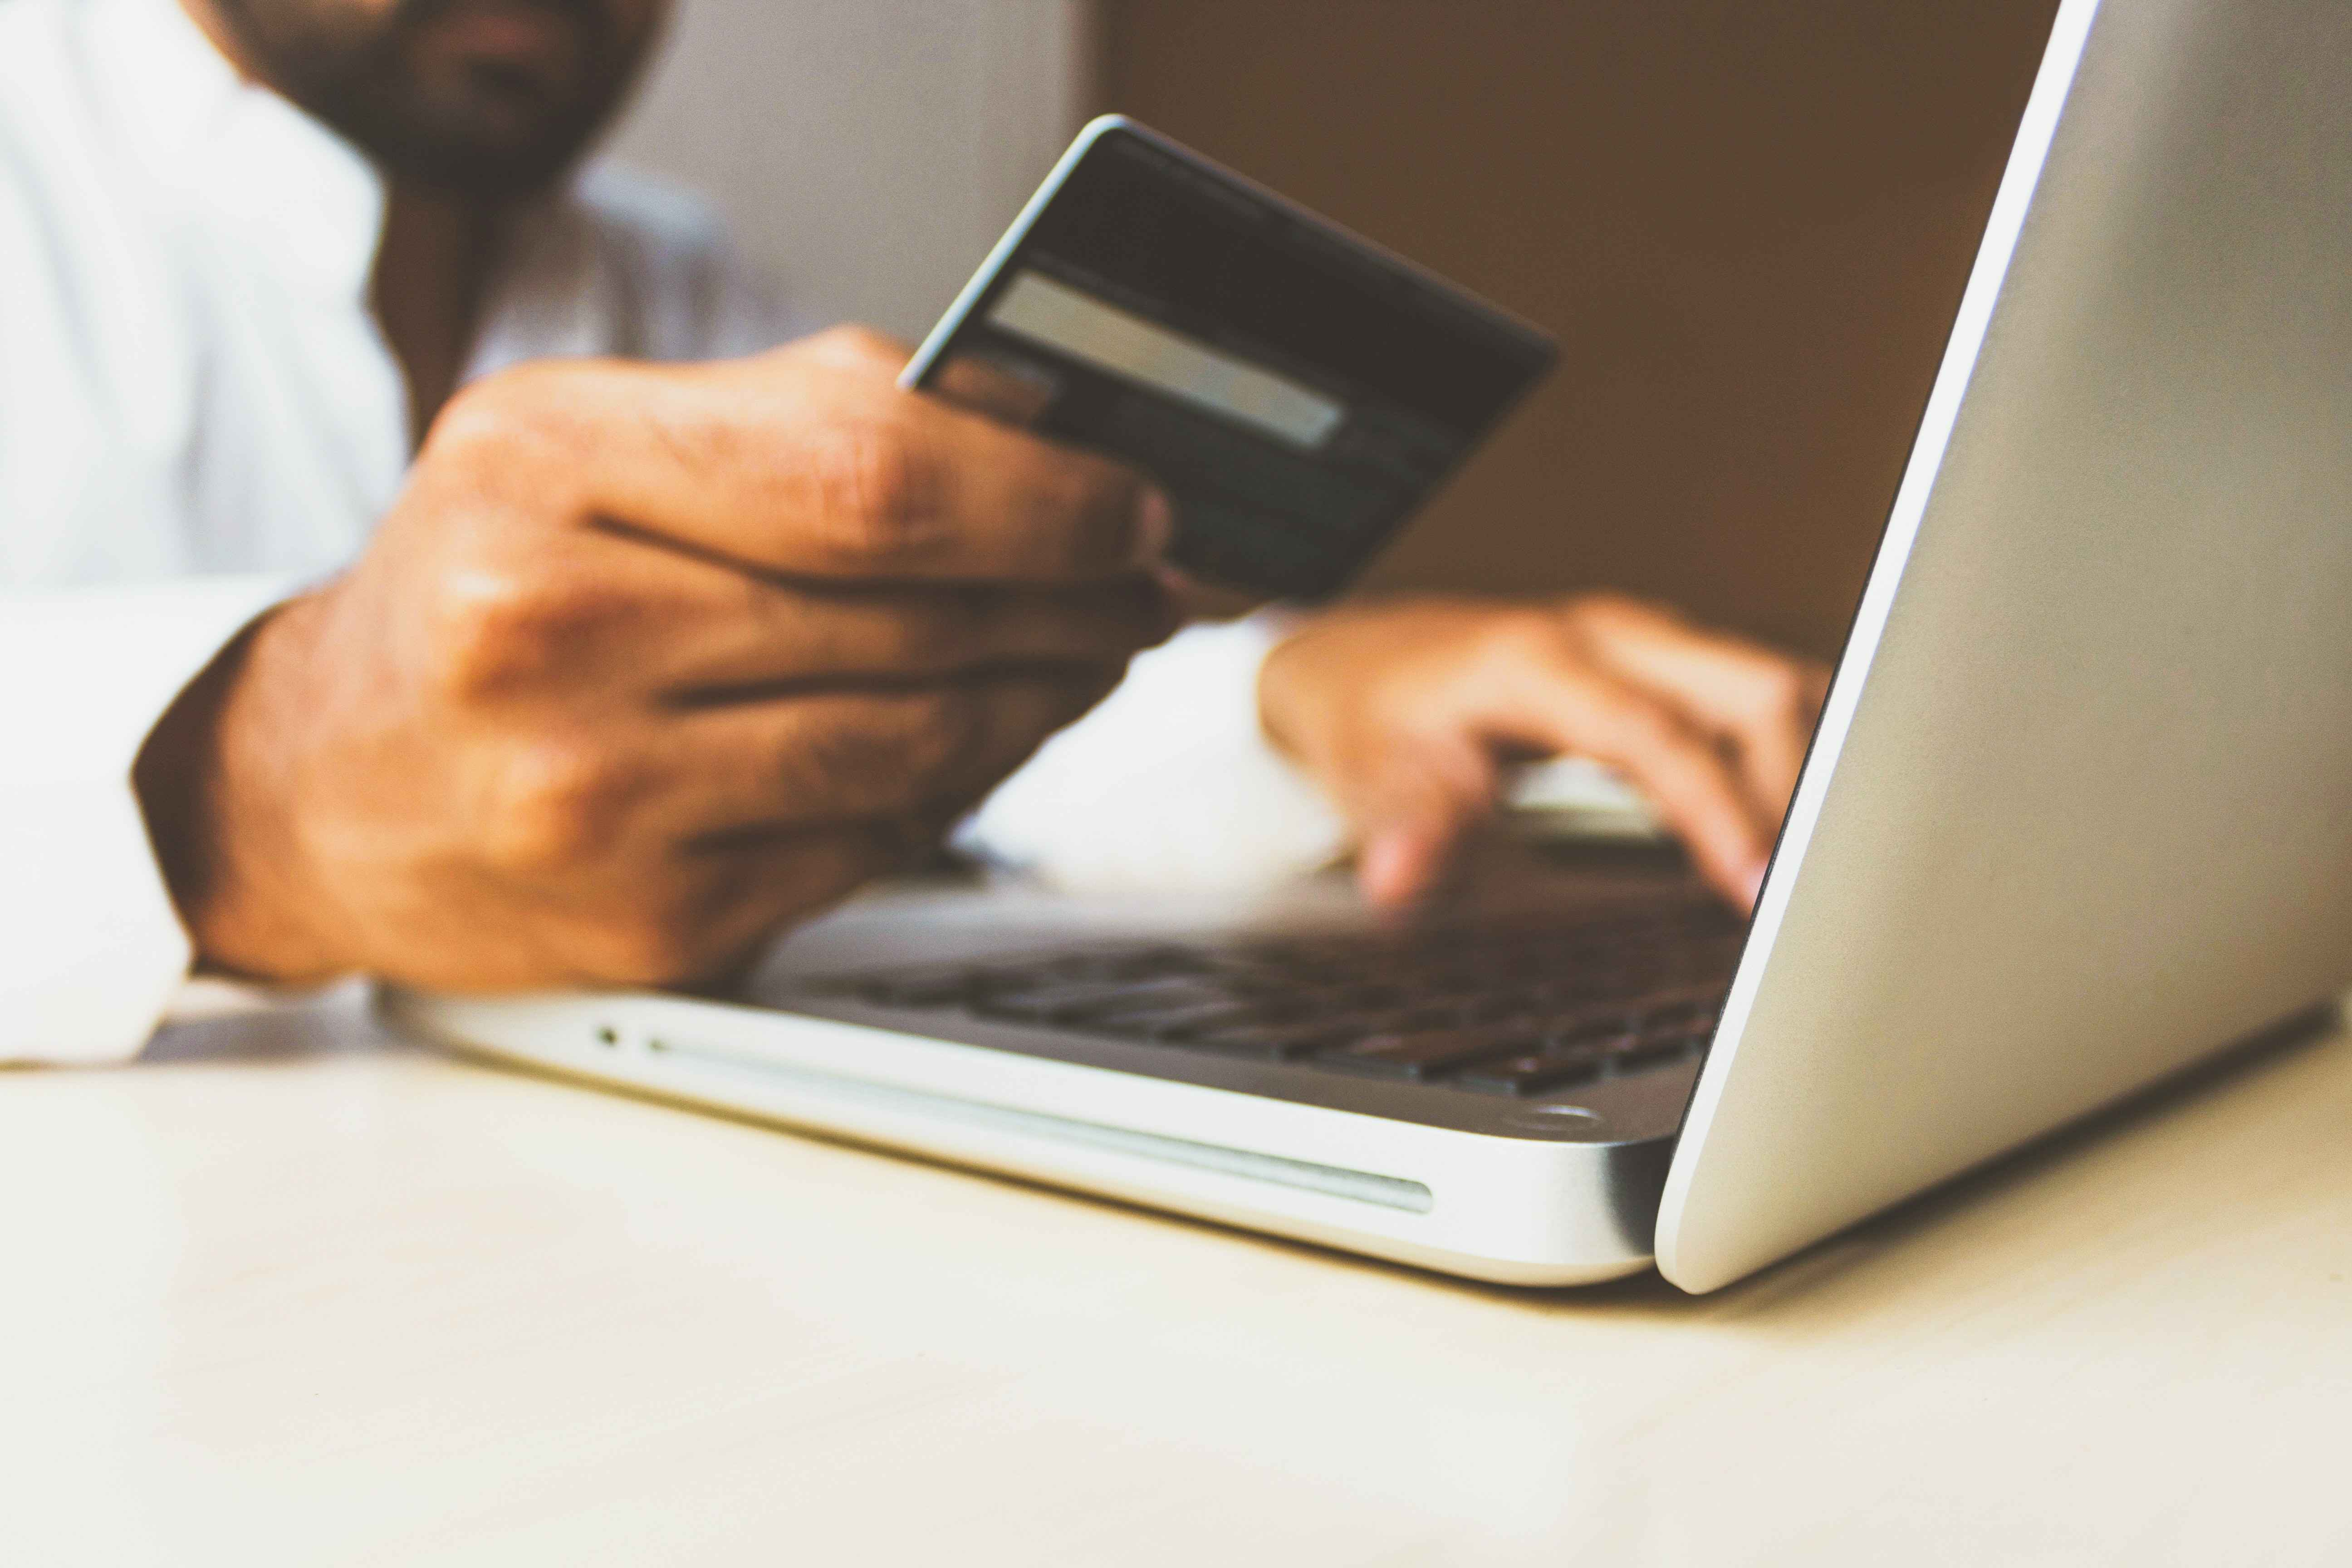 De acordo com o Banco Central, já são quase 700 instituições bancárias cadastradas que podem registrar seus clientes por meio de chaves digitais de endereçamento.